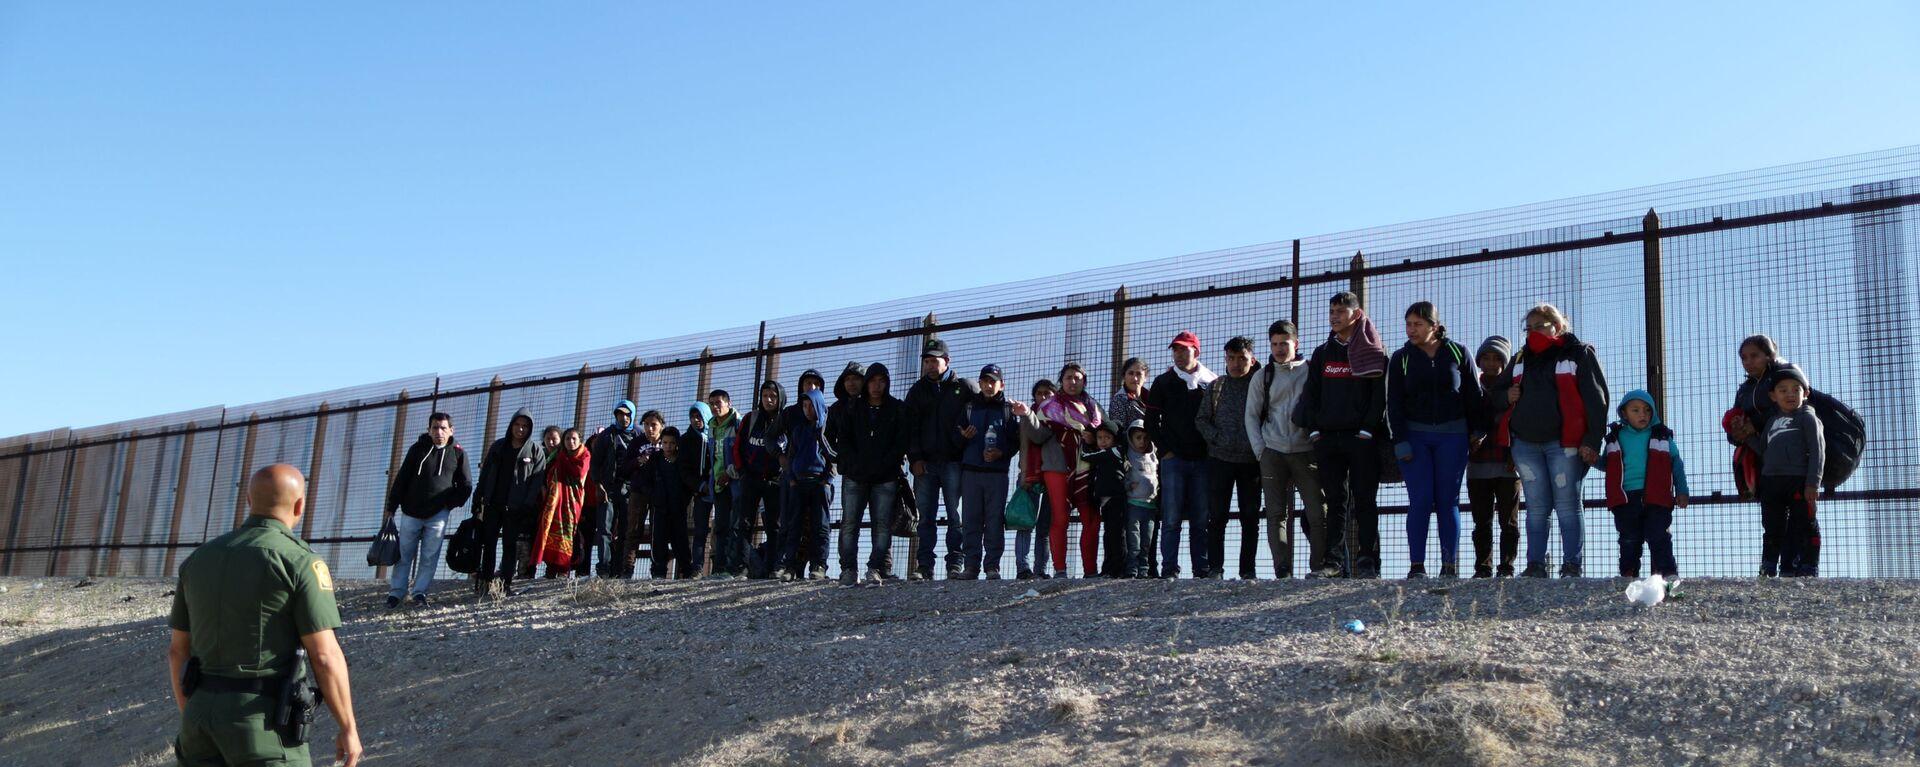 Migranti al confine tra USA e Messico - Sputnik Italia, 1920, 21.08.2019